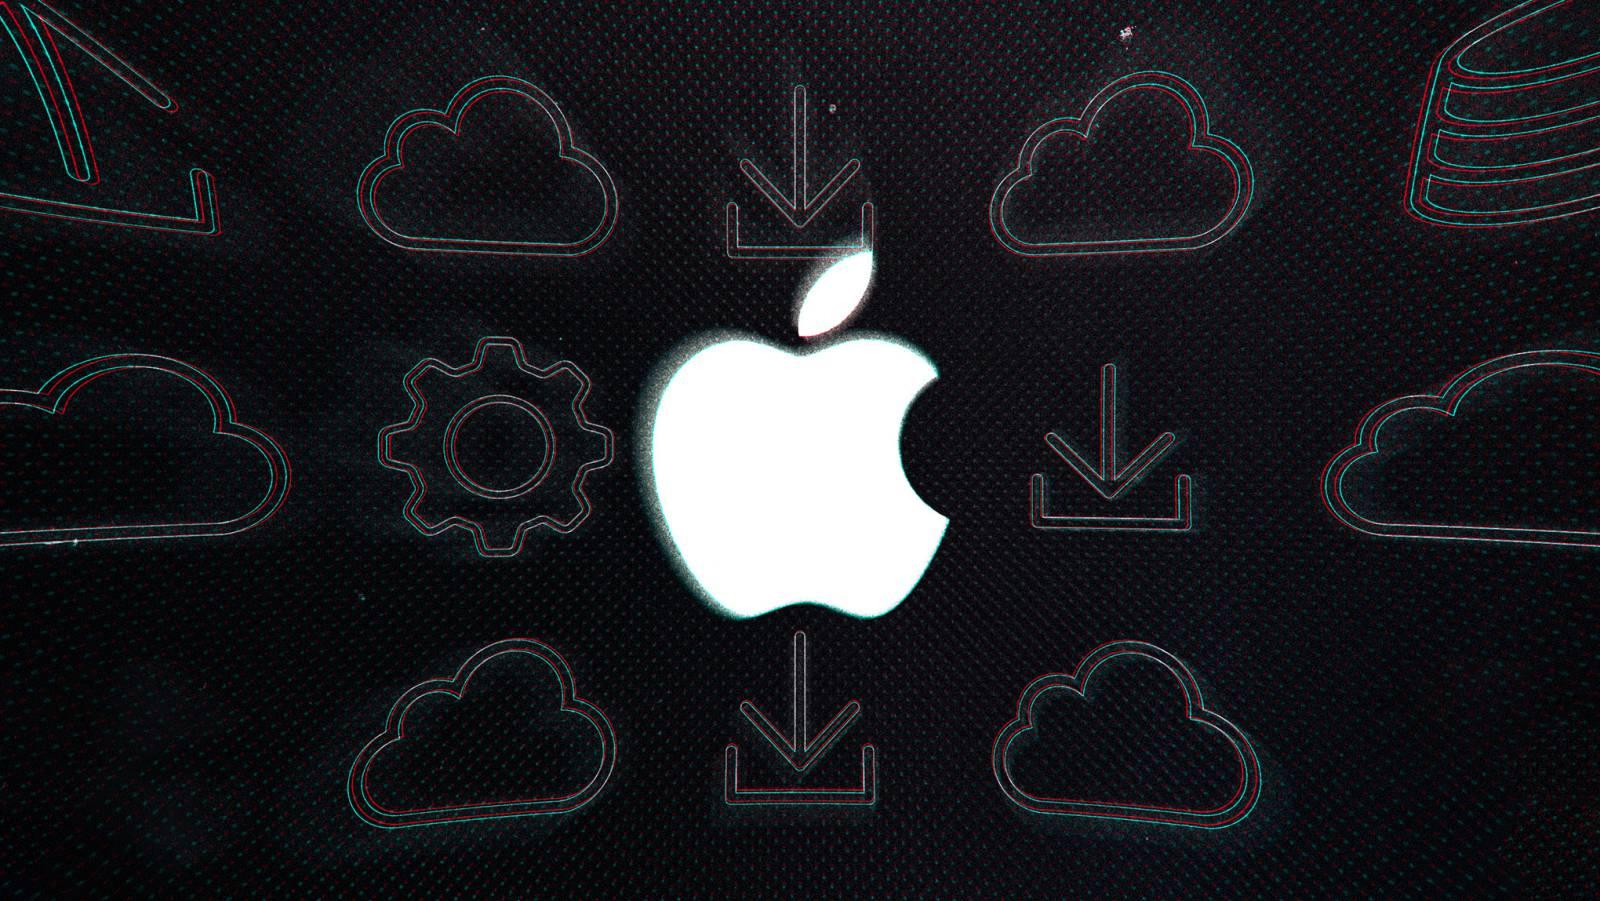 Apple a Redevenit o Companie de 1000 de Miliarde de Dolari Multumita iPhone 11